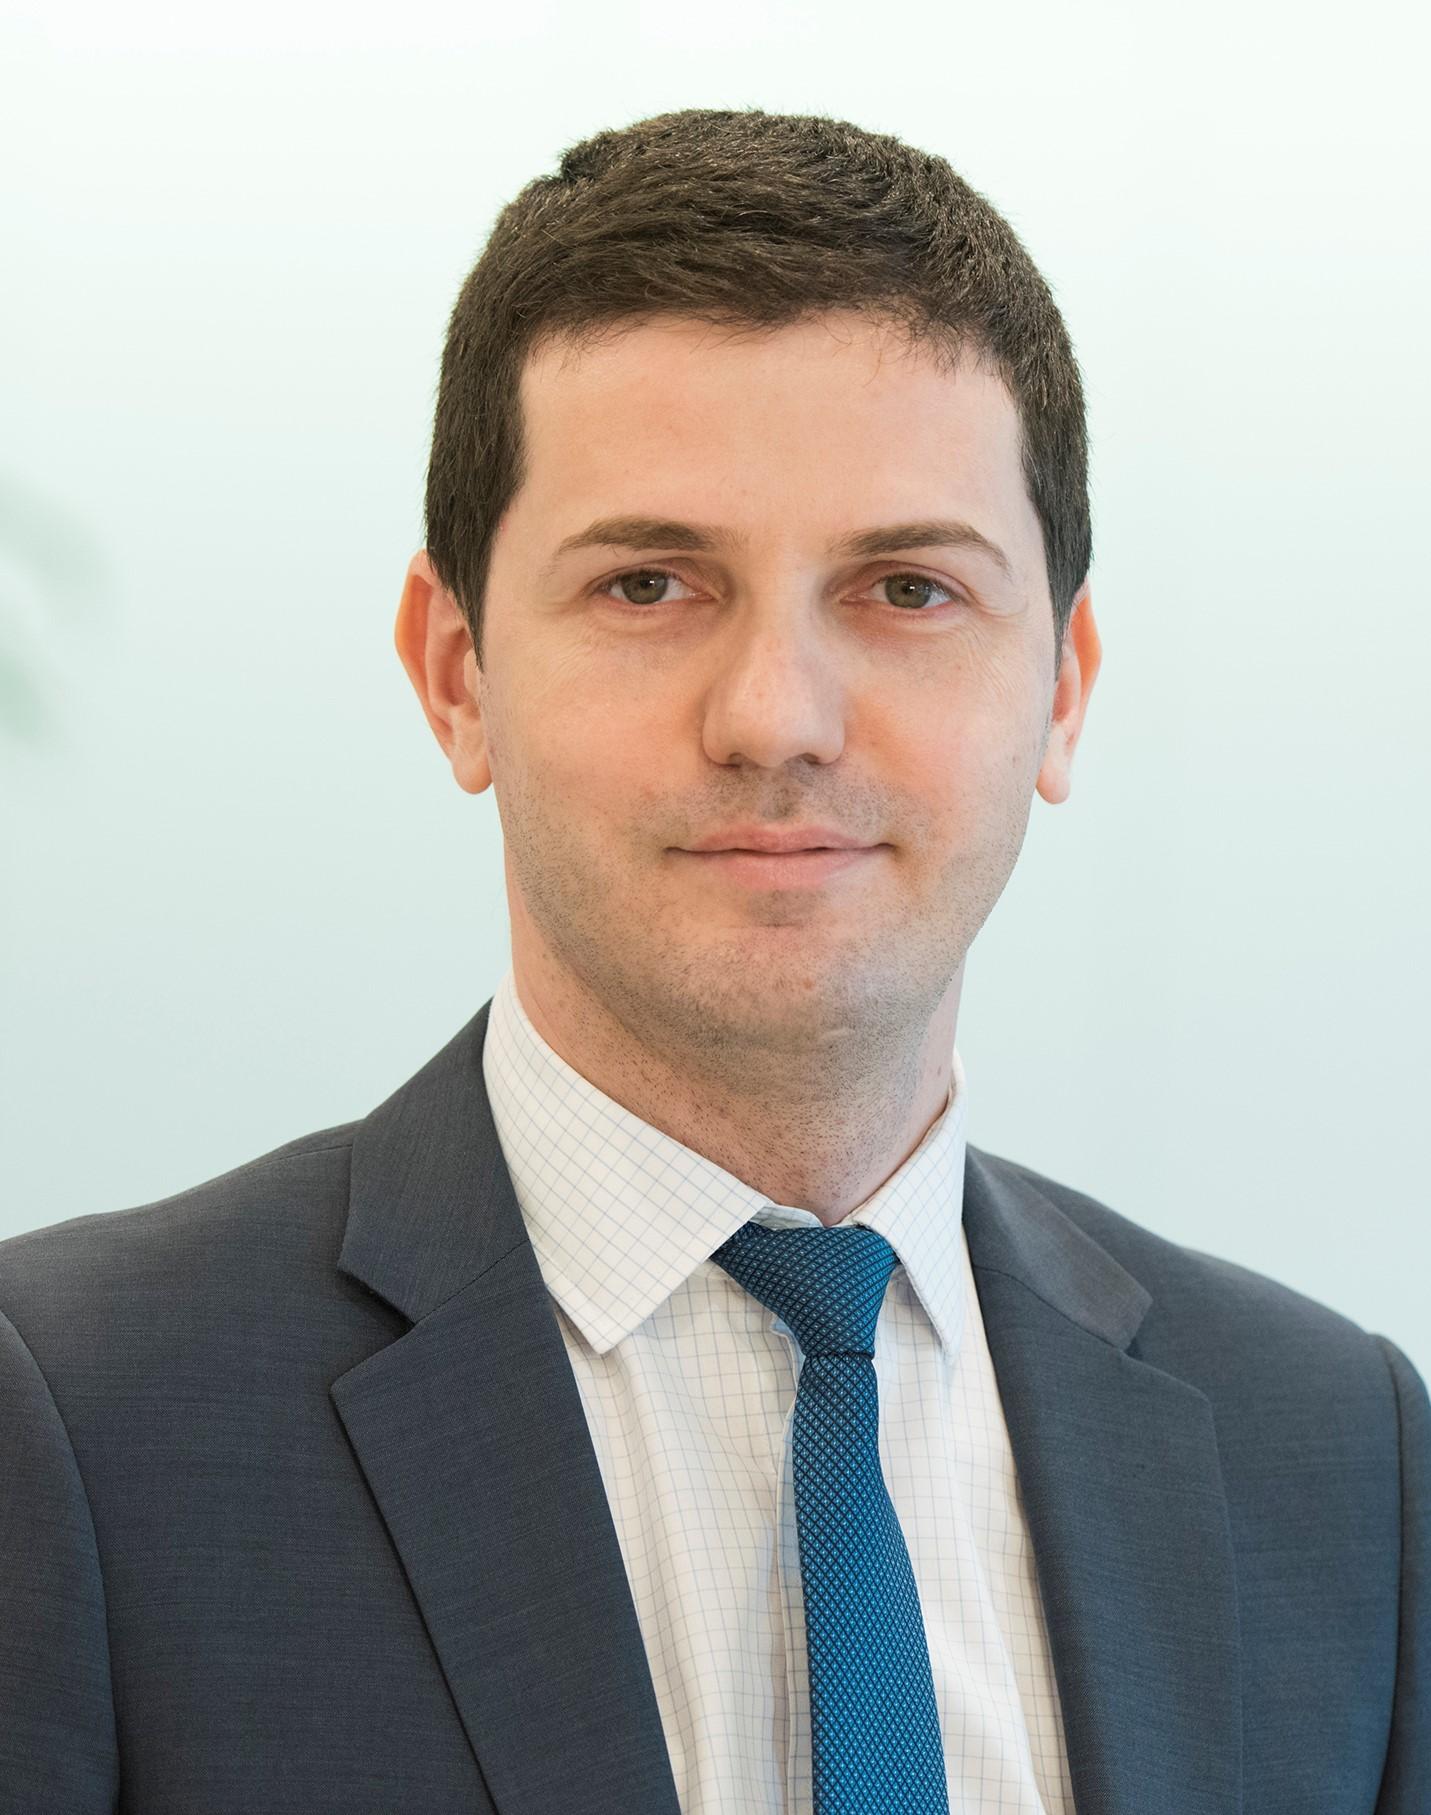 Cezar Furtună, KPMG: Rolul directorilor financiari trece prin schimbări semnificative